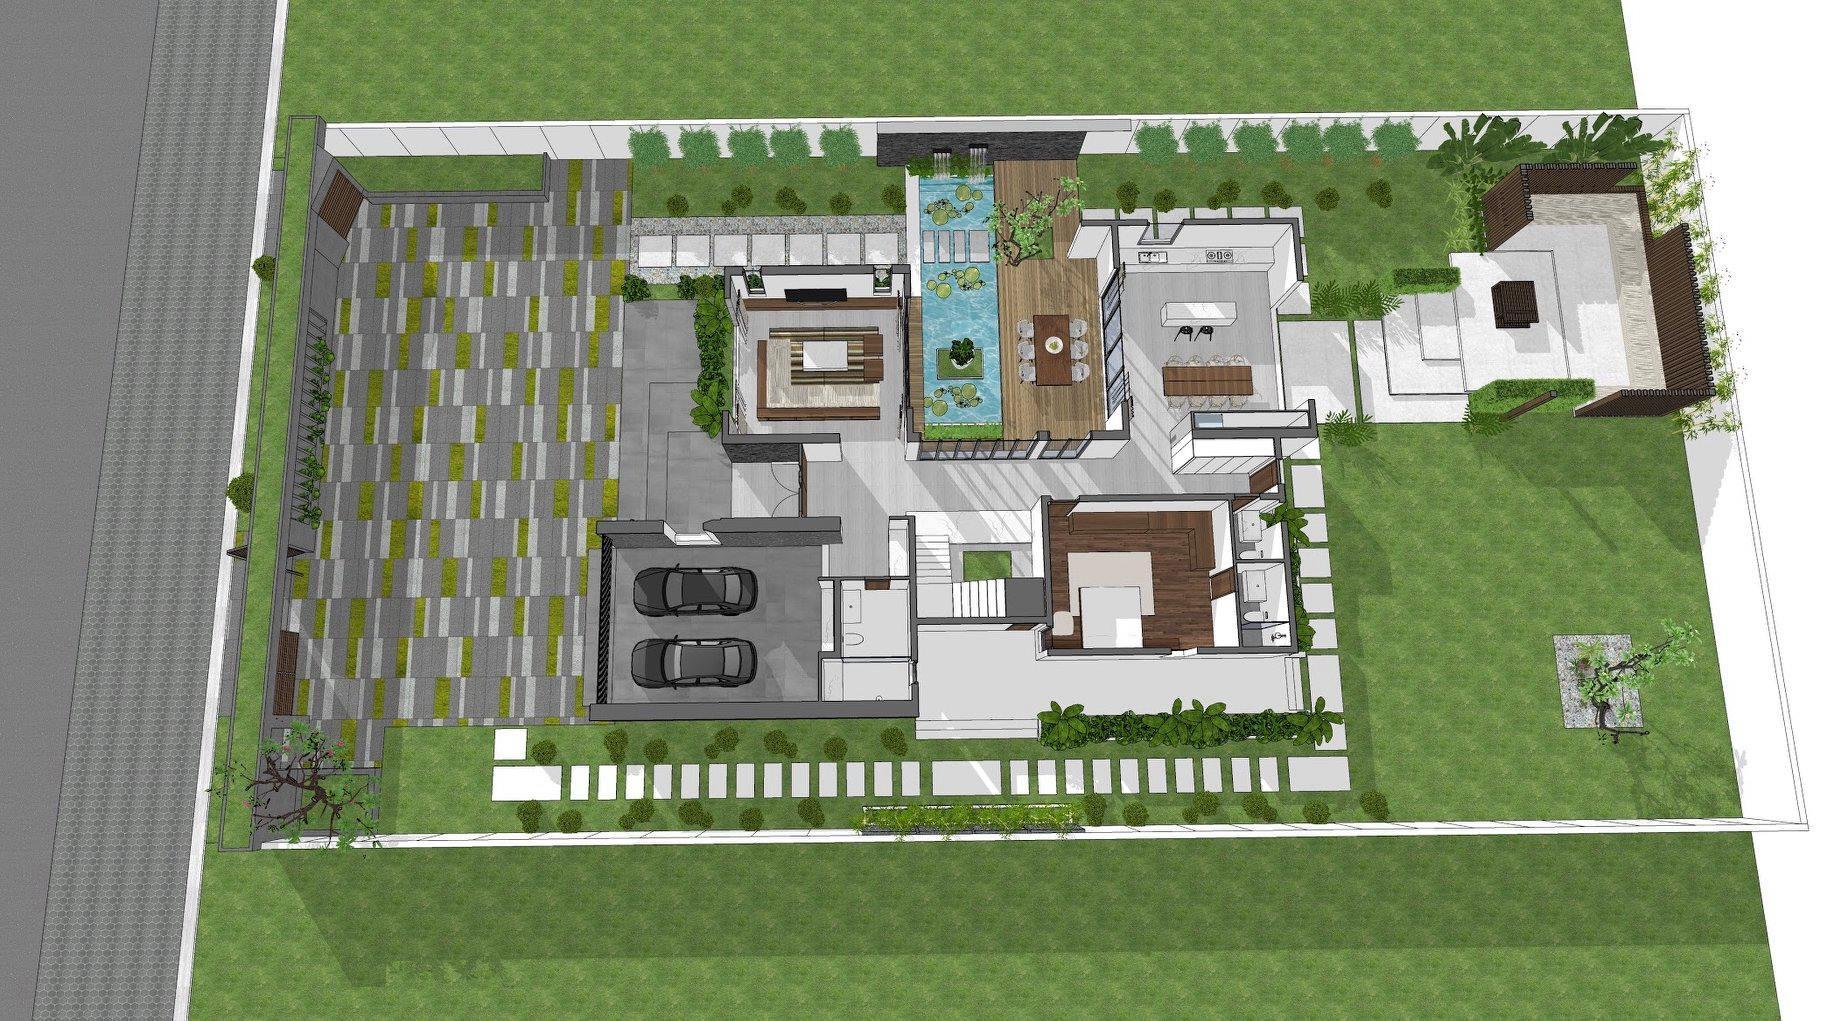 thiết kế Biệt Thự 2 tầng tại Tiền Giang KGM THIẾT KẾ XÂY DỰNG BIỆT THỰ - TIỀN GIANG 7 1562642647